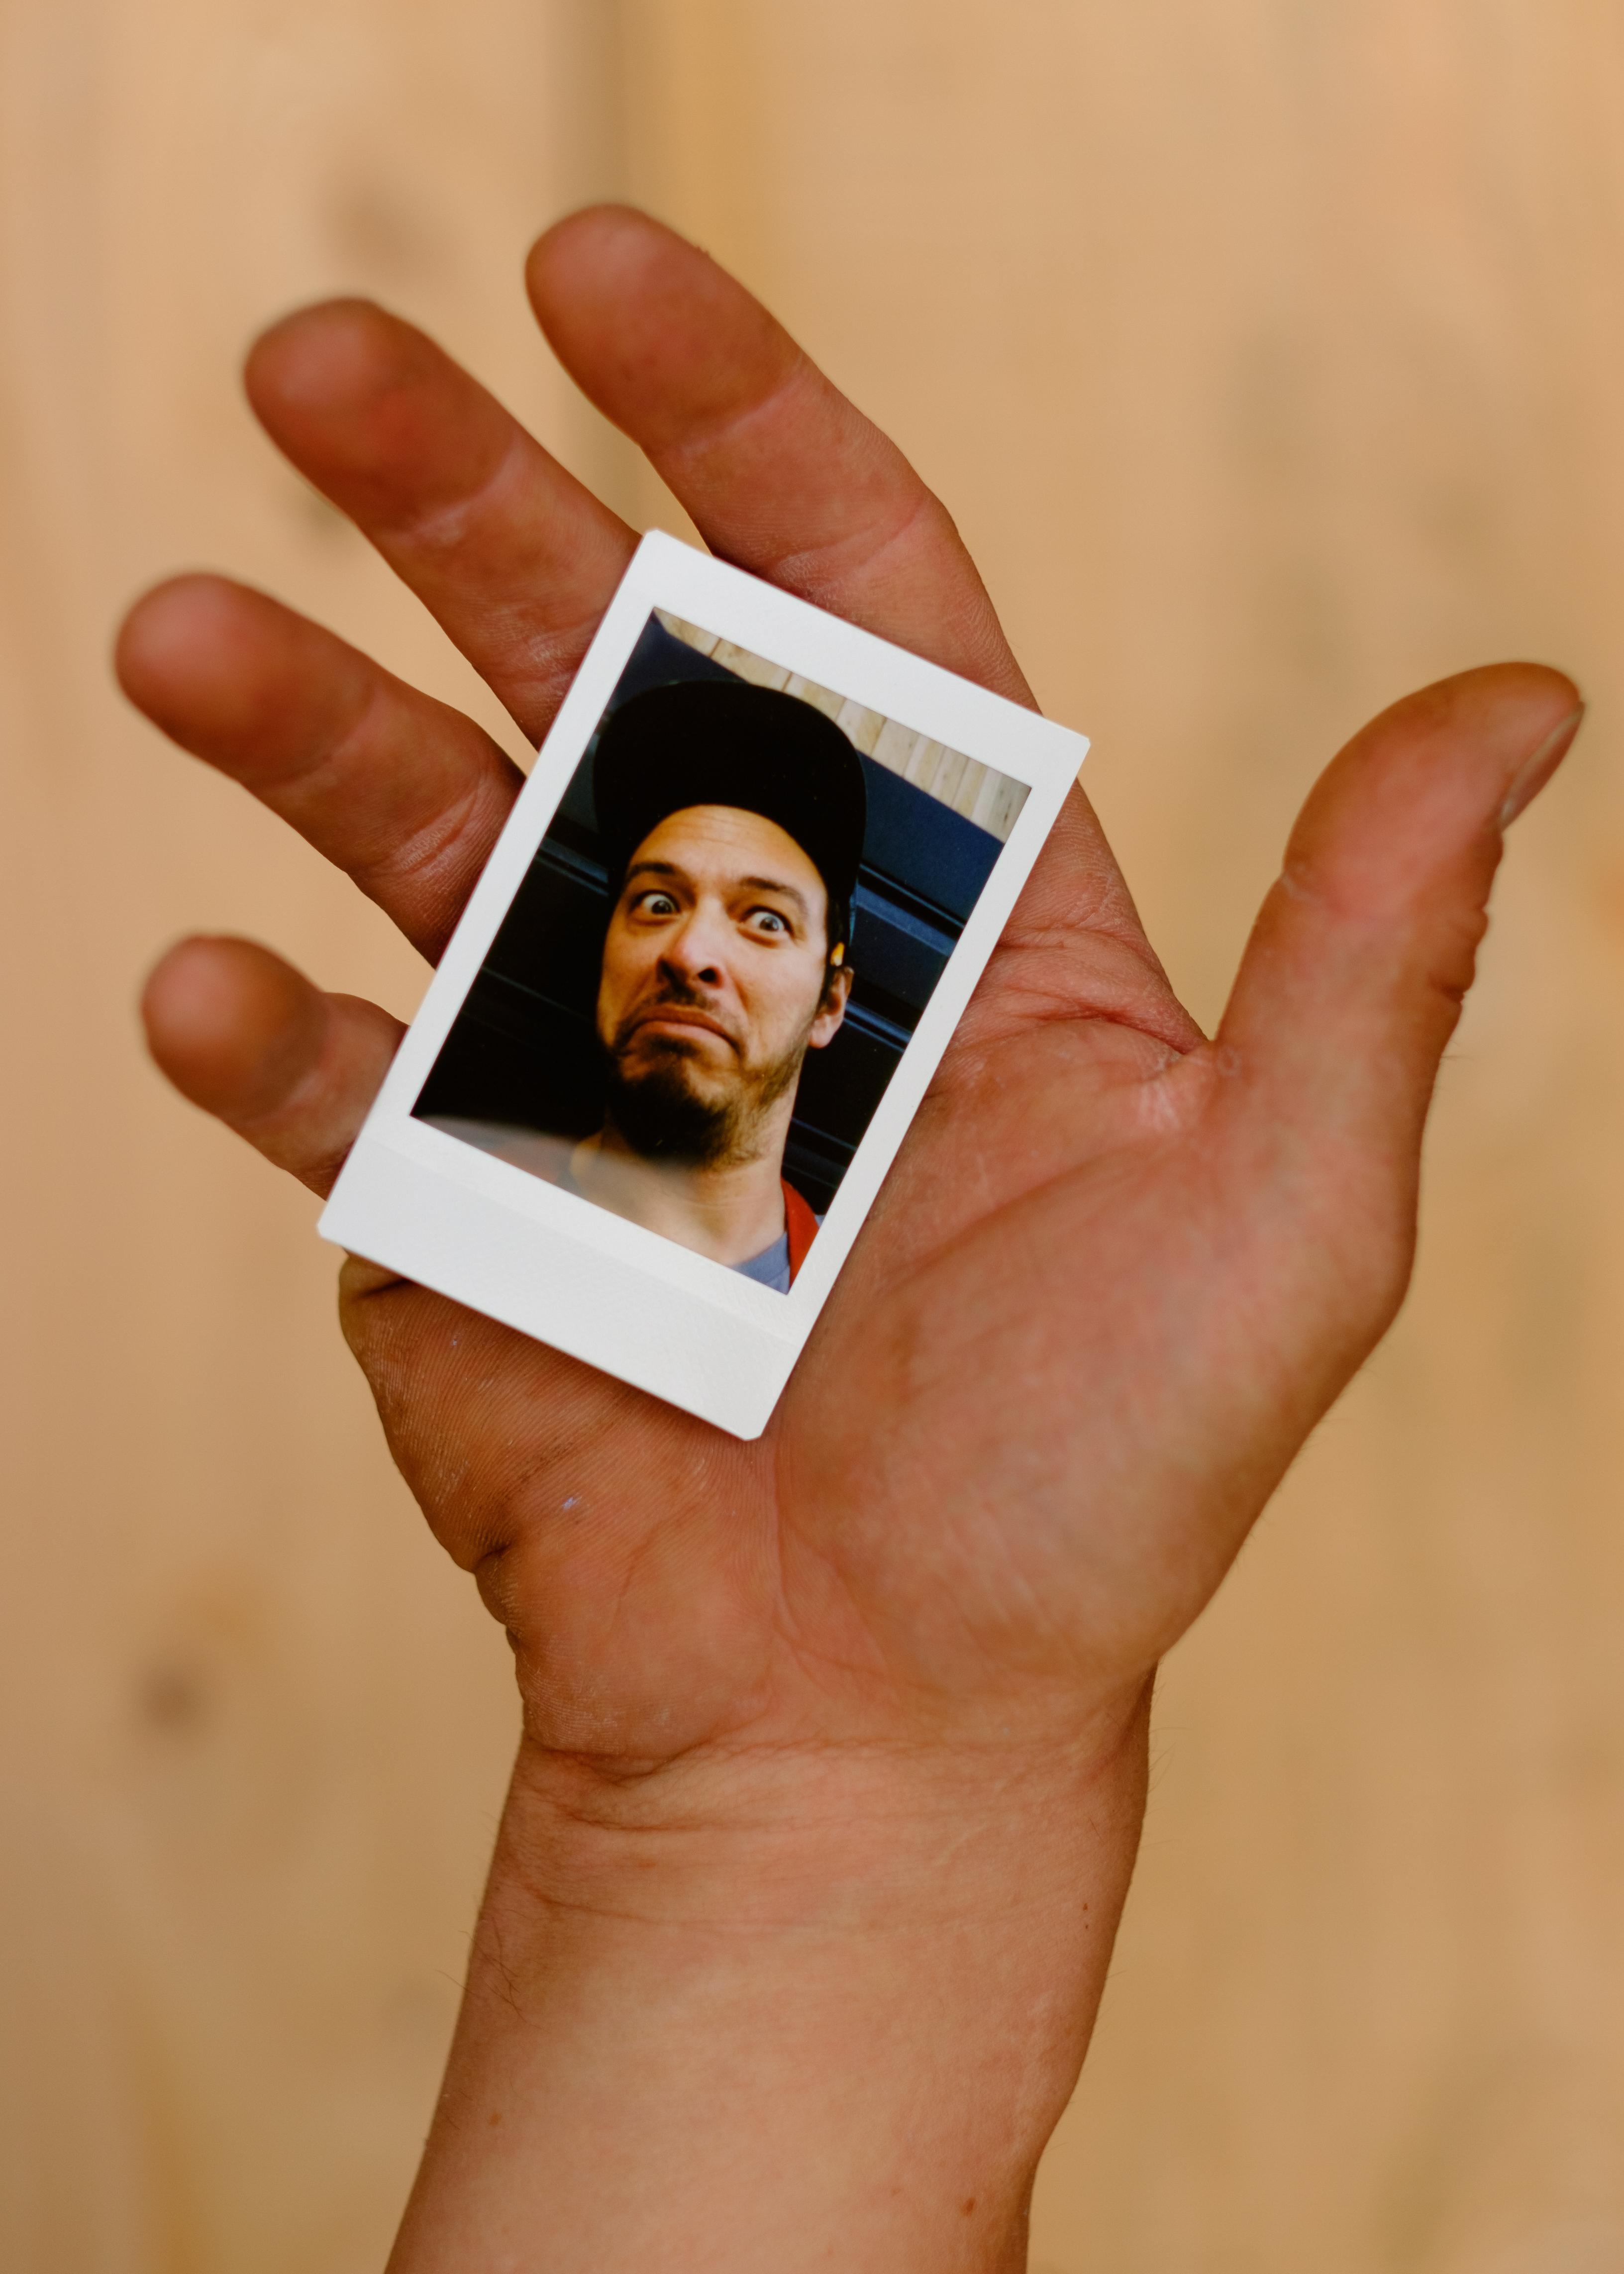 Olivier Bourget portrait dans la main-35